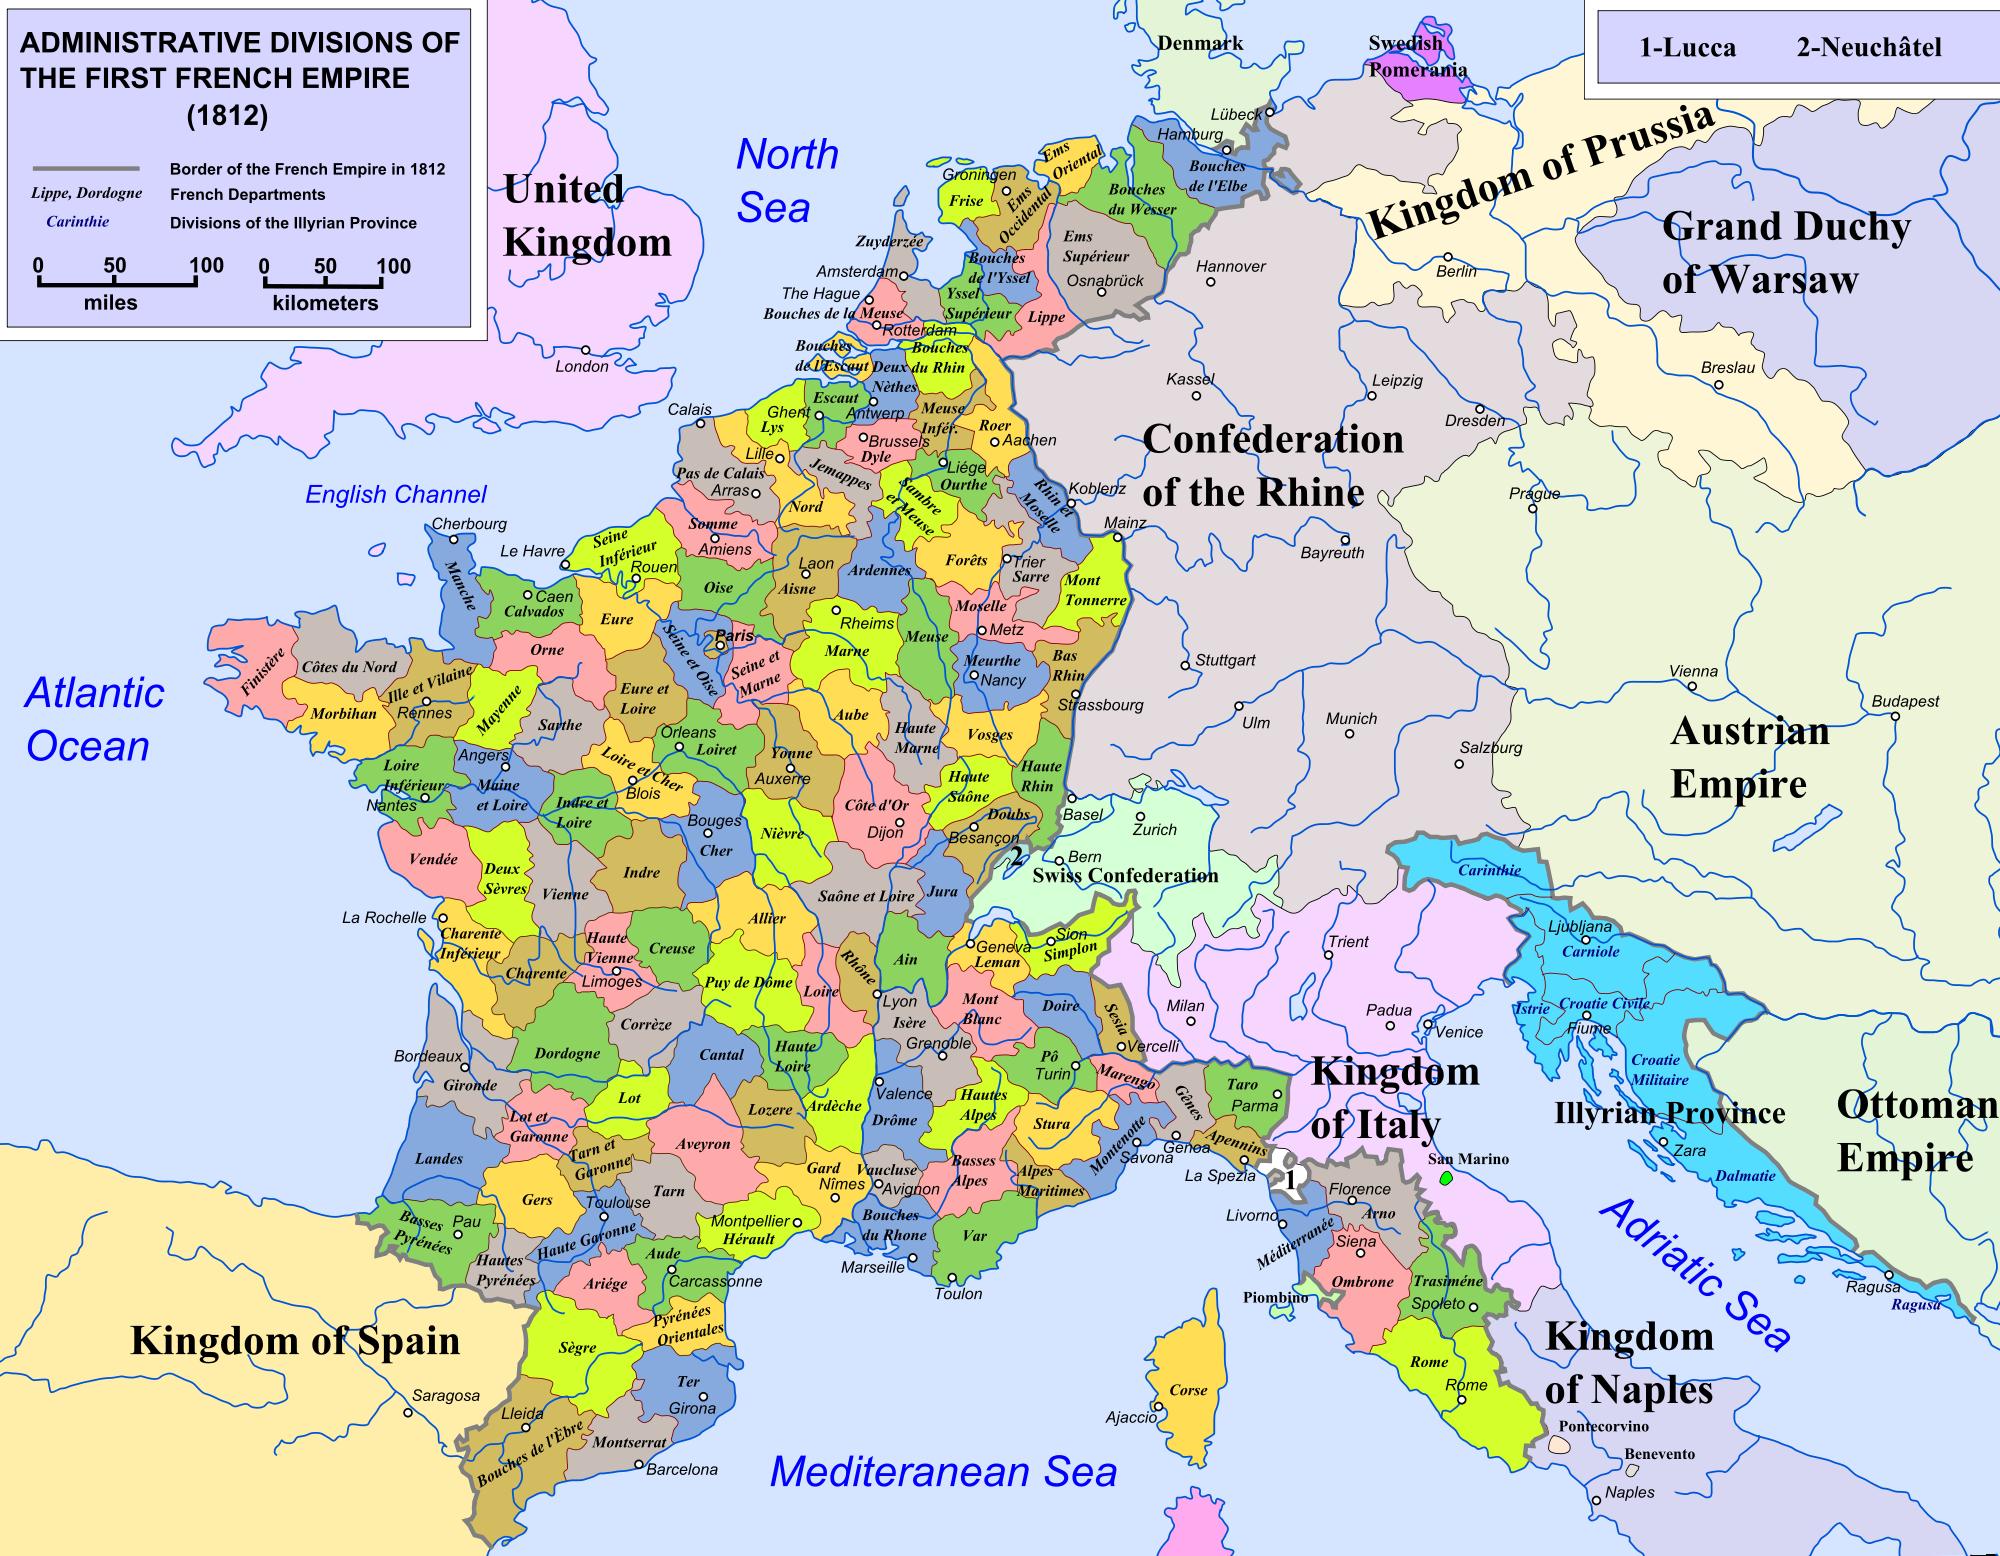 Napoleon France | De France Tweet Imprimer Cette Carte intérieur Carte De France Avec Departement A Imprimer